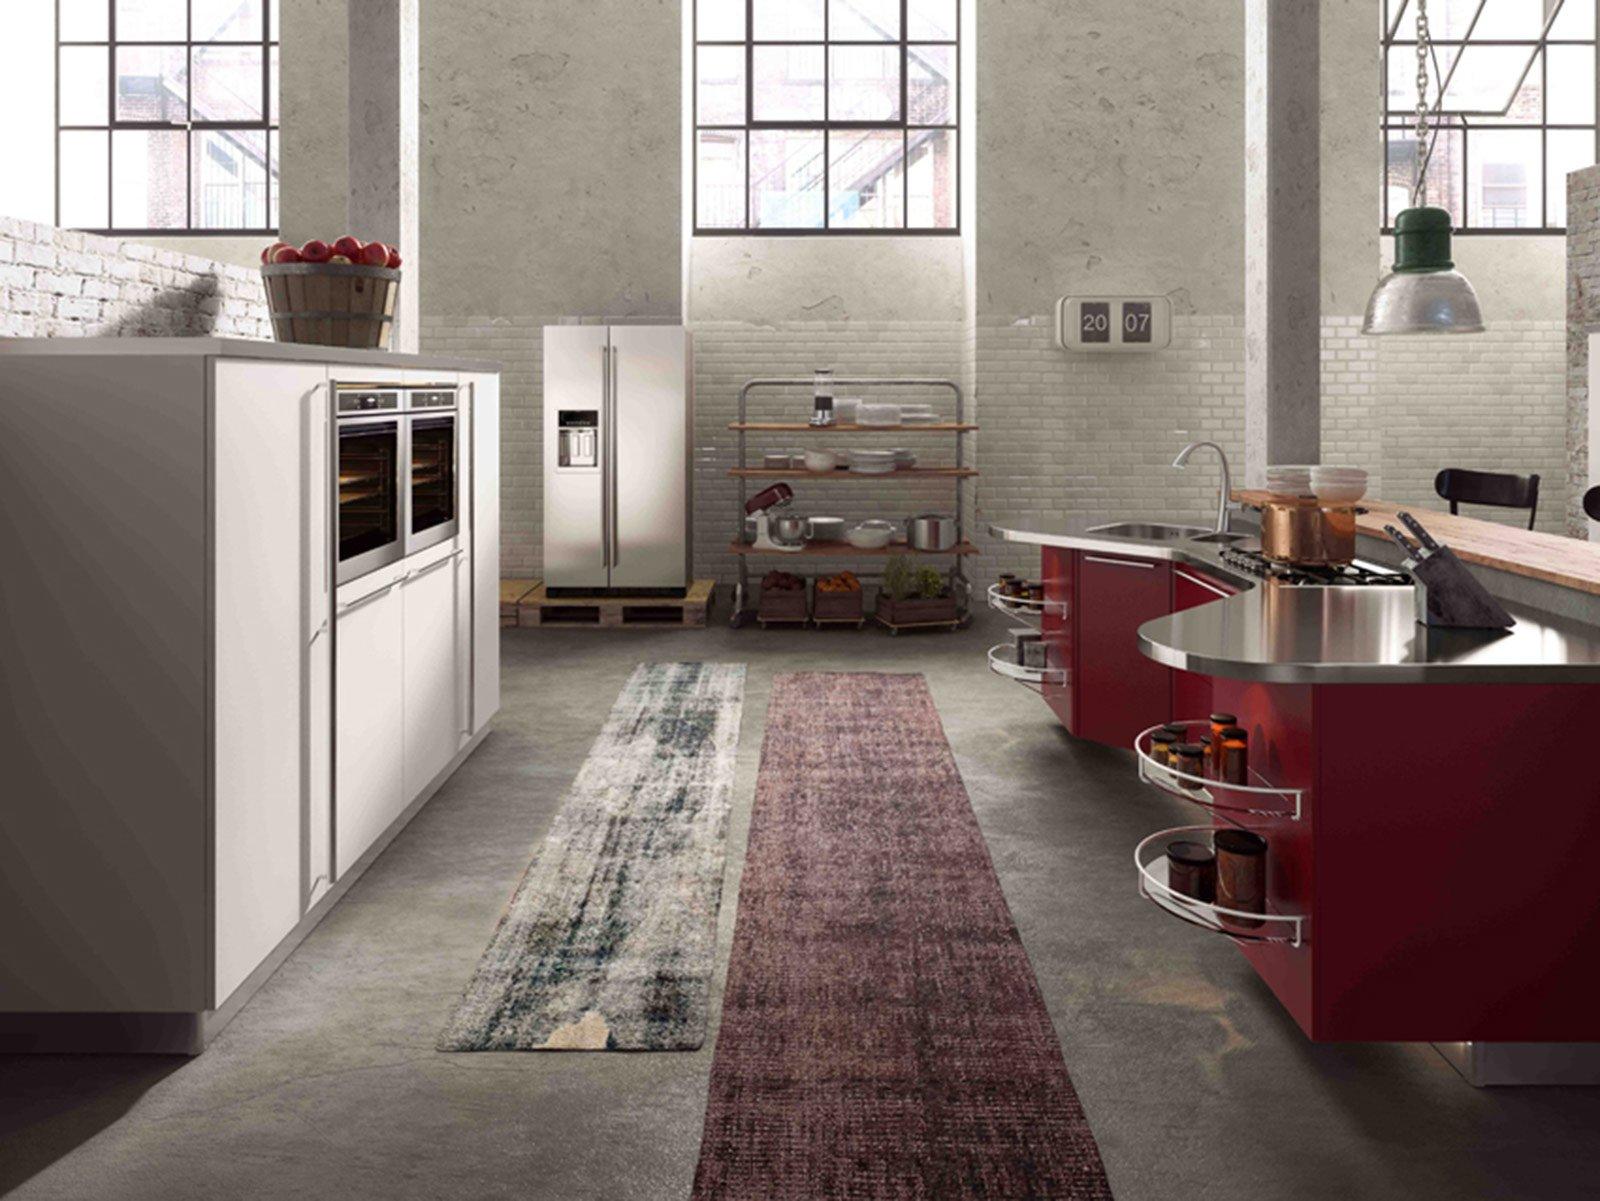 Cucina libert compositiva cose di casa for Registra i prezzi dei piani di casa